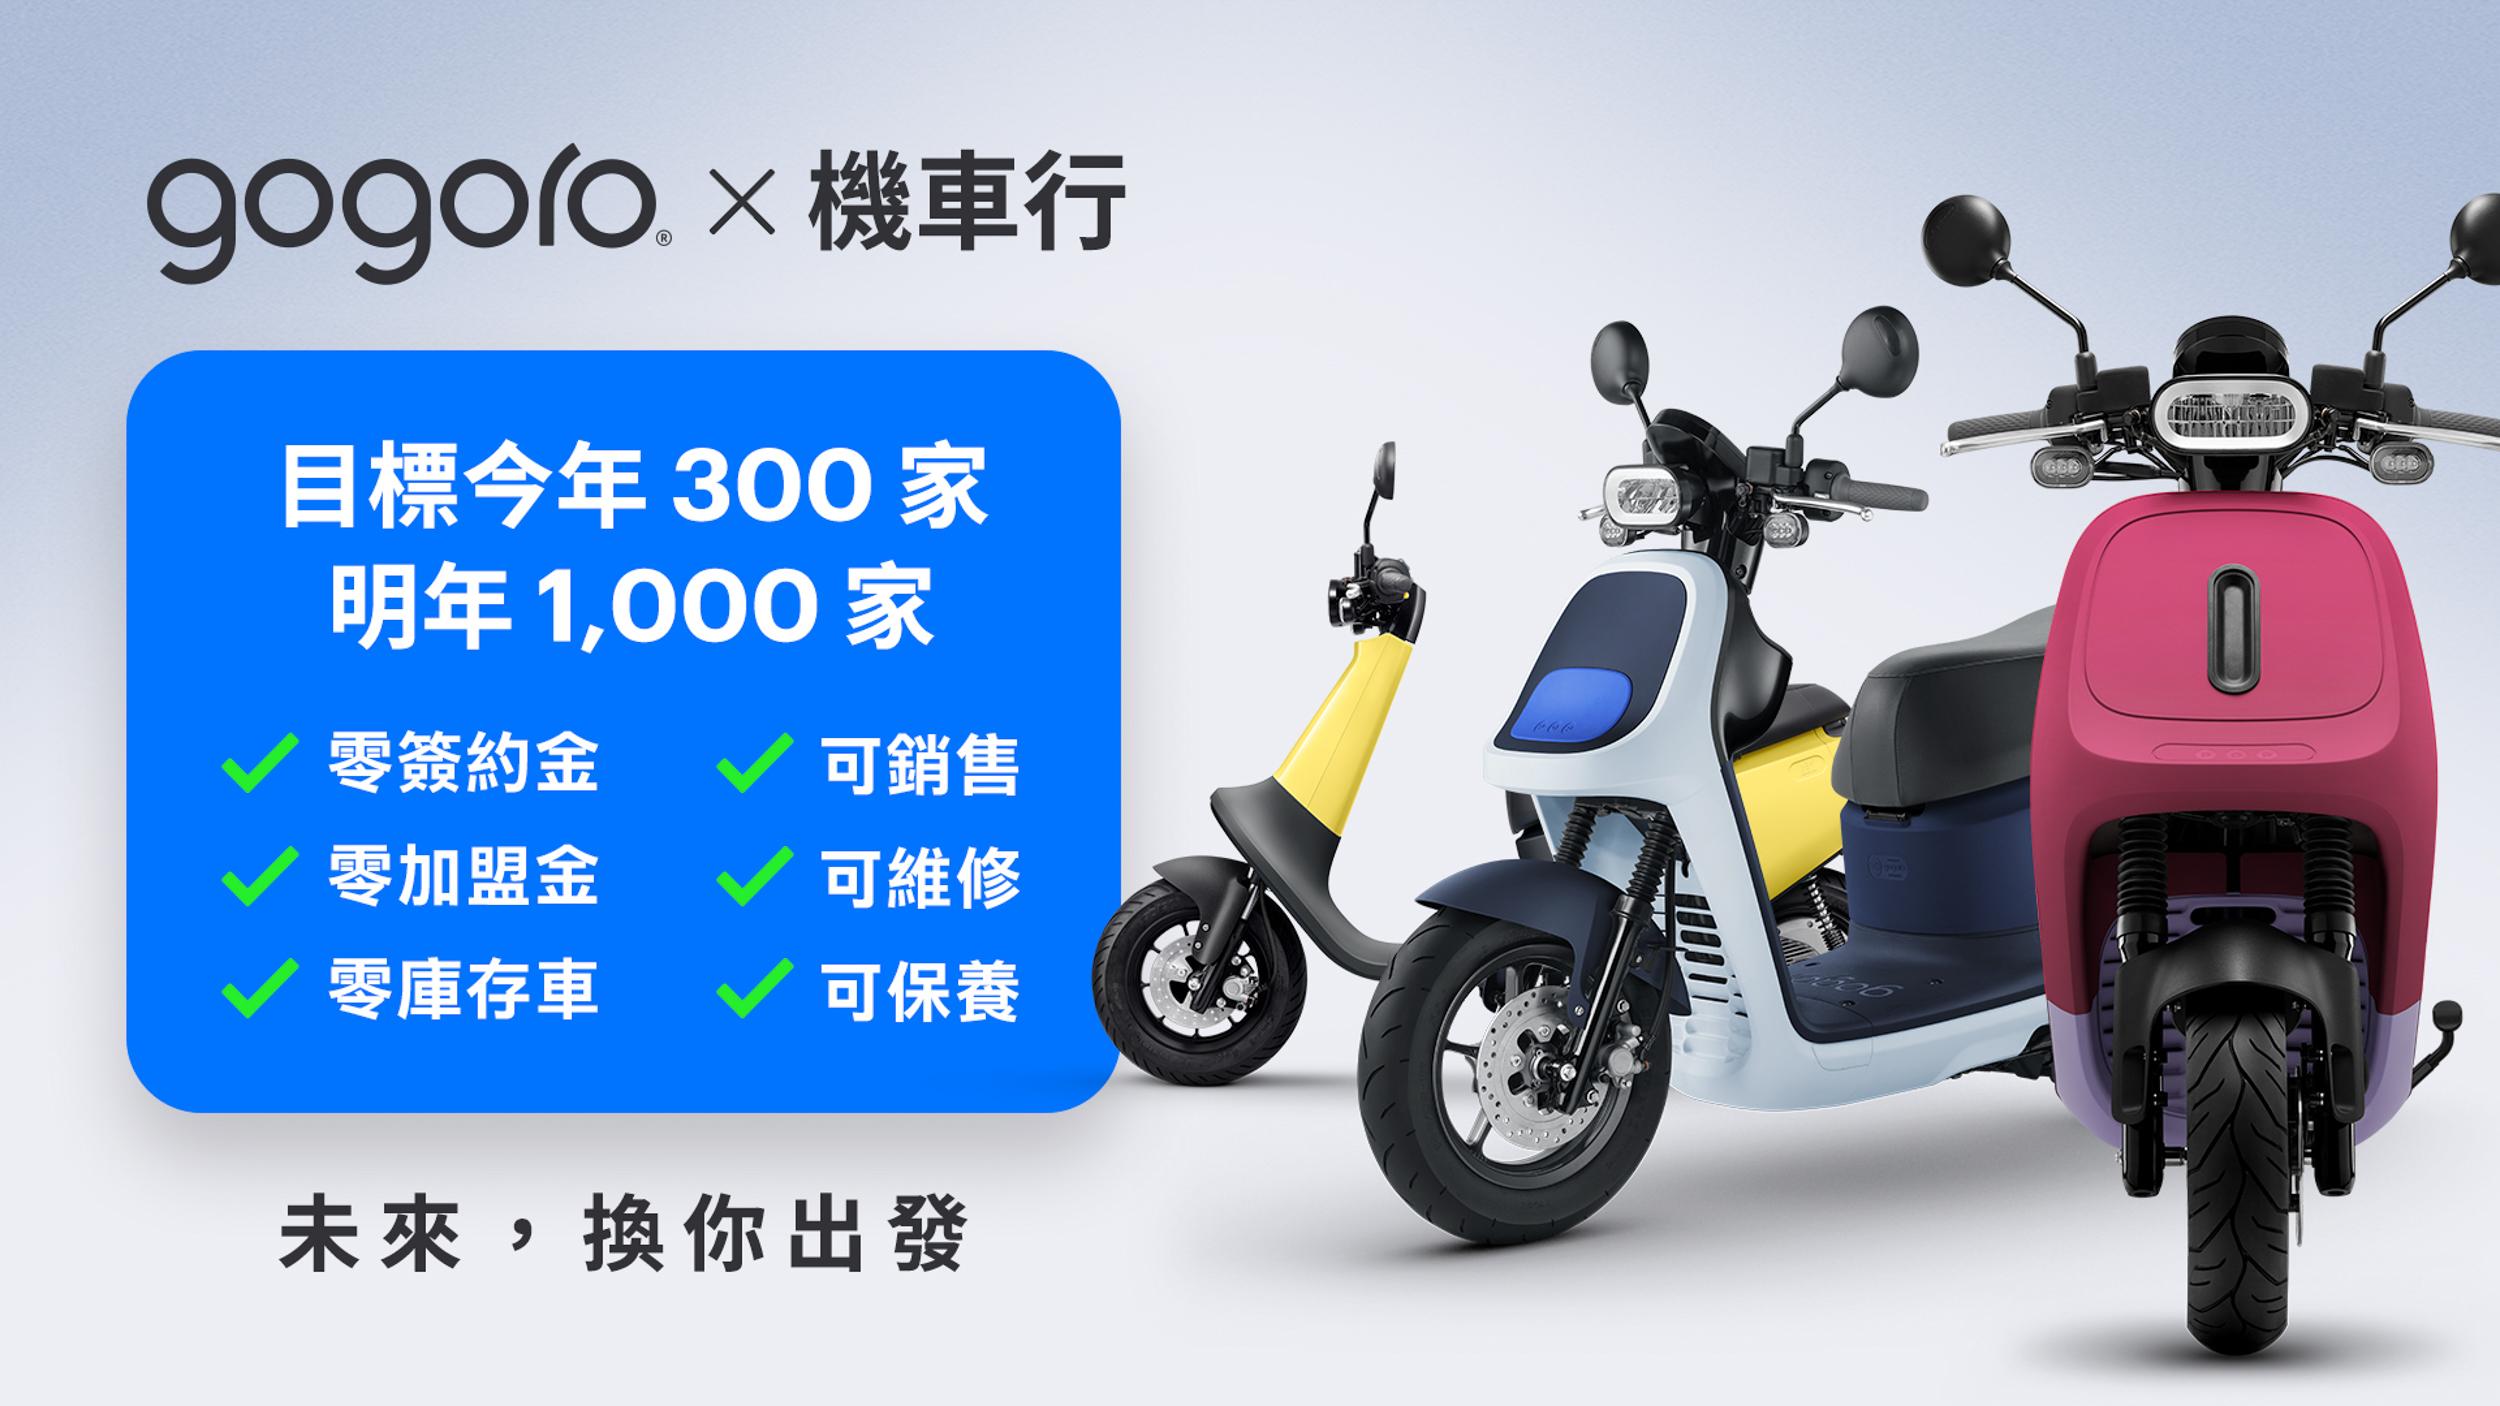 Gogoro 招募機車行升級轉型  打造電動機車展示、銷售、維修、保養服務